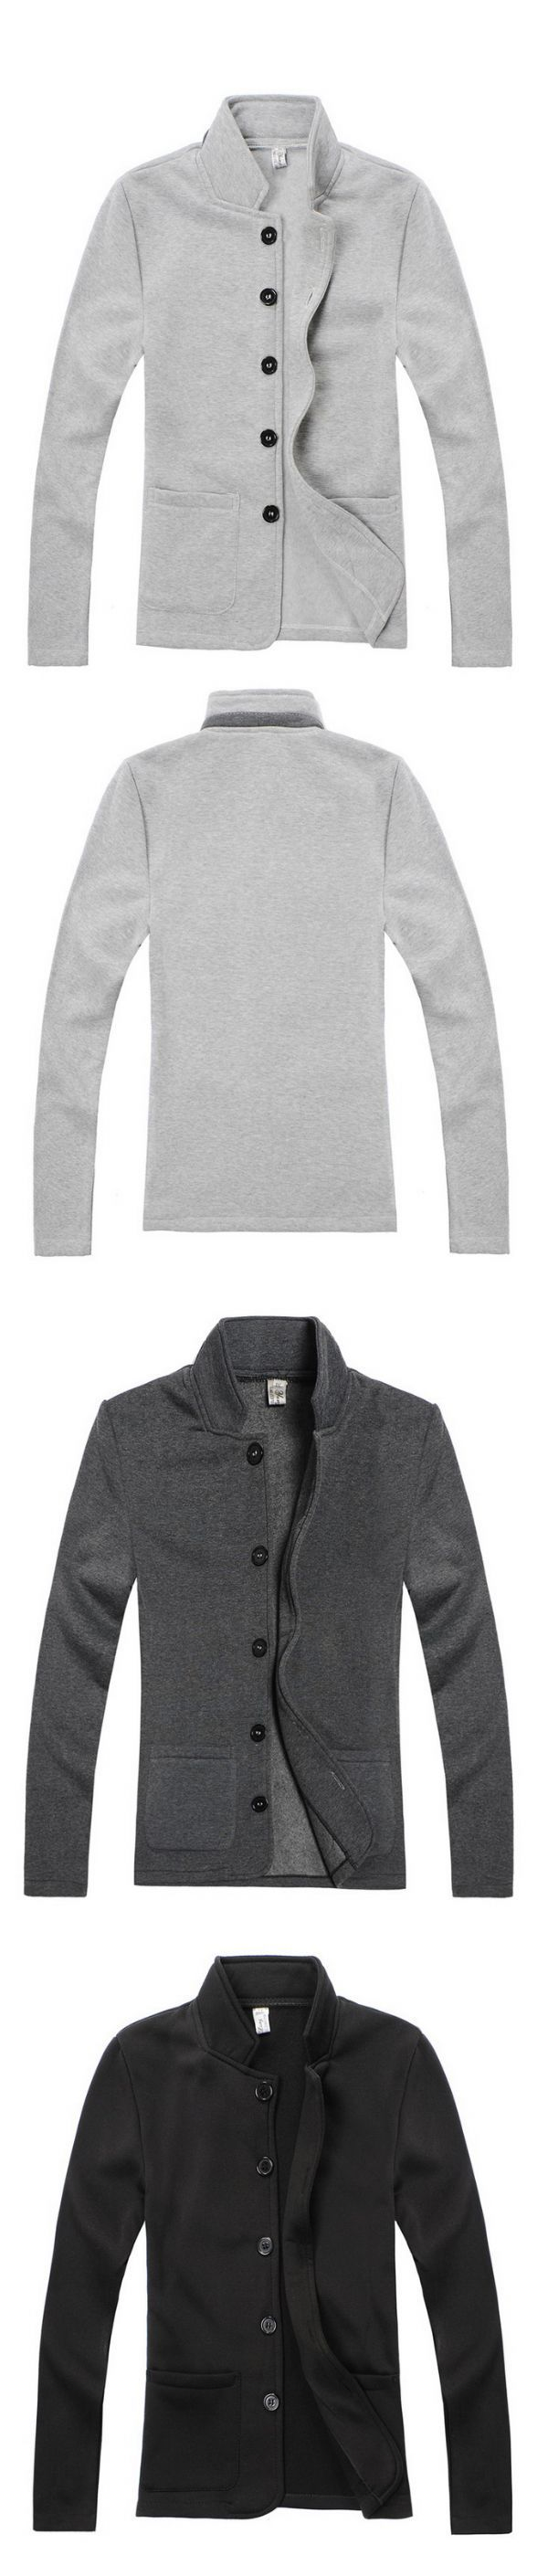 เสื้อผ้าผู้ชายพร้อมส่ง : แจ๊กเก็ตผ้า fleeceปกตั้ง